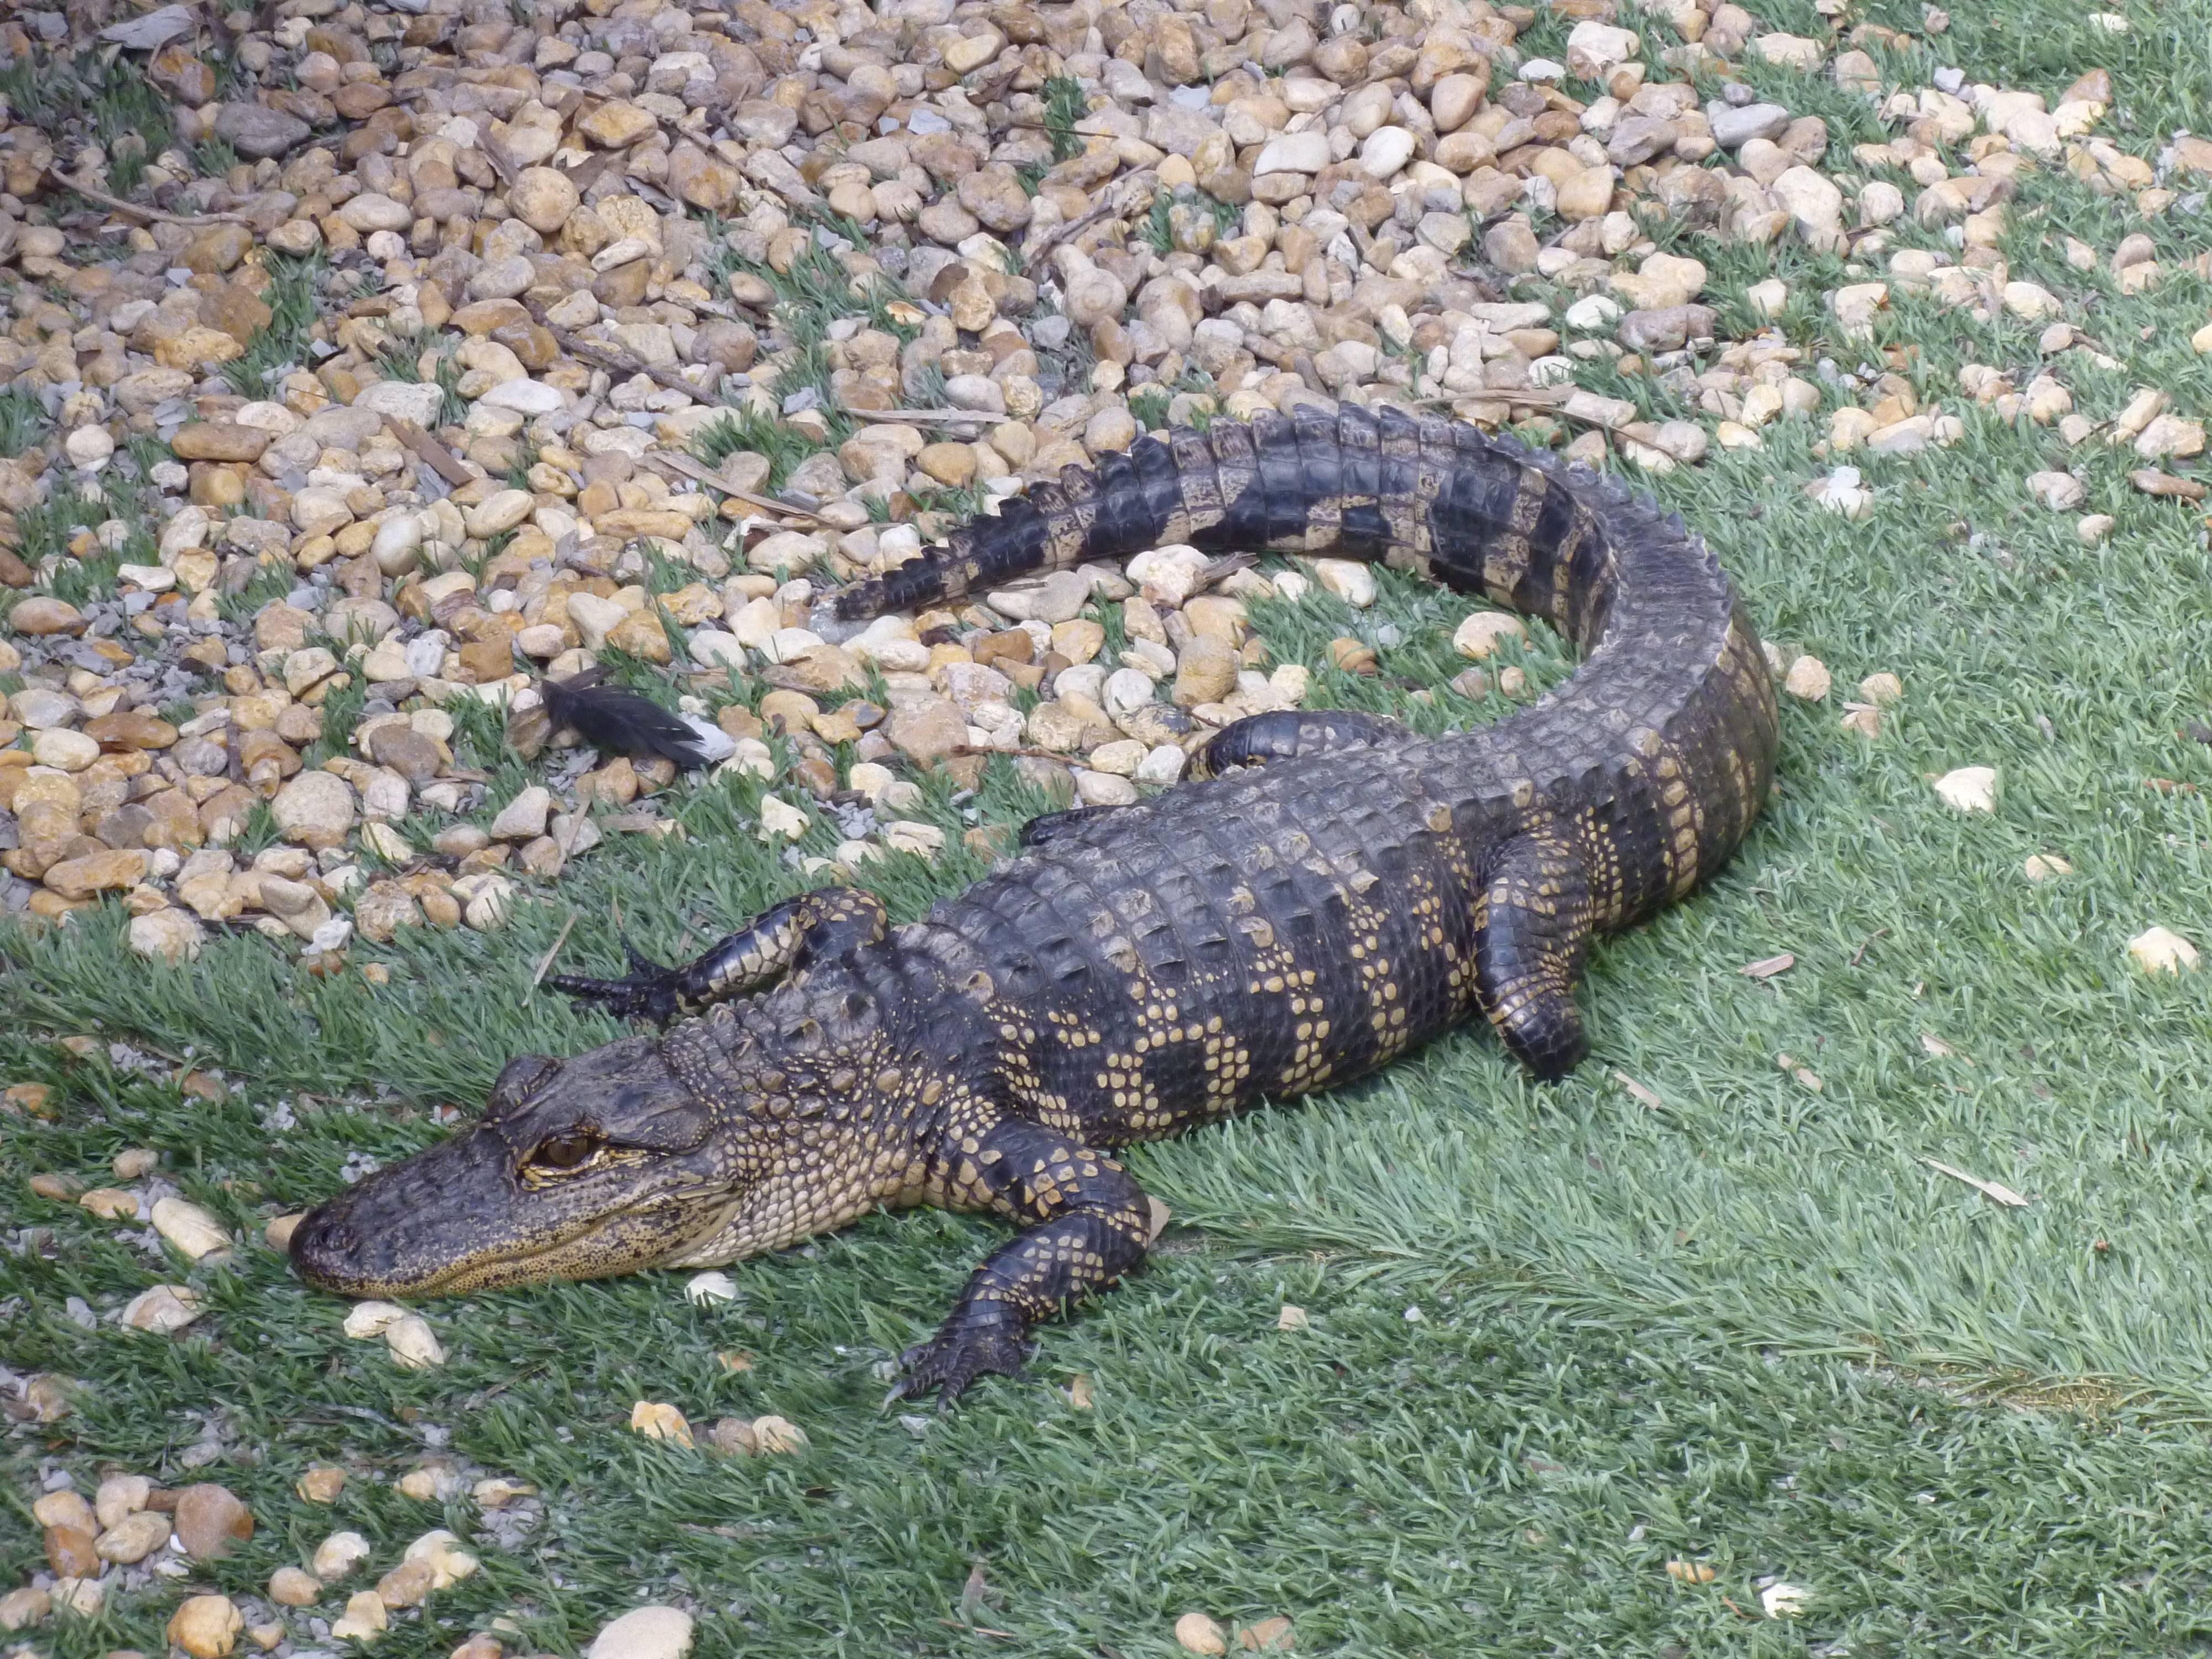 Photo 2: Une balade hors du temps dans les marécages des Everglades en Floride